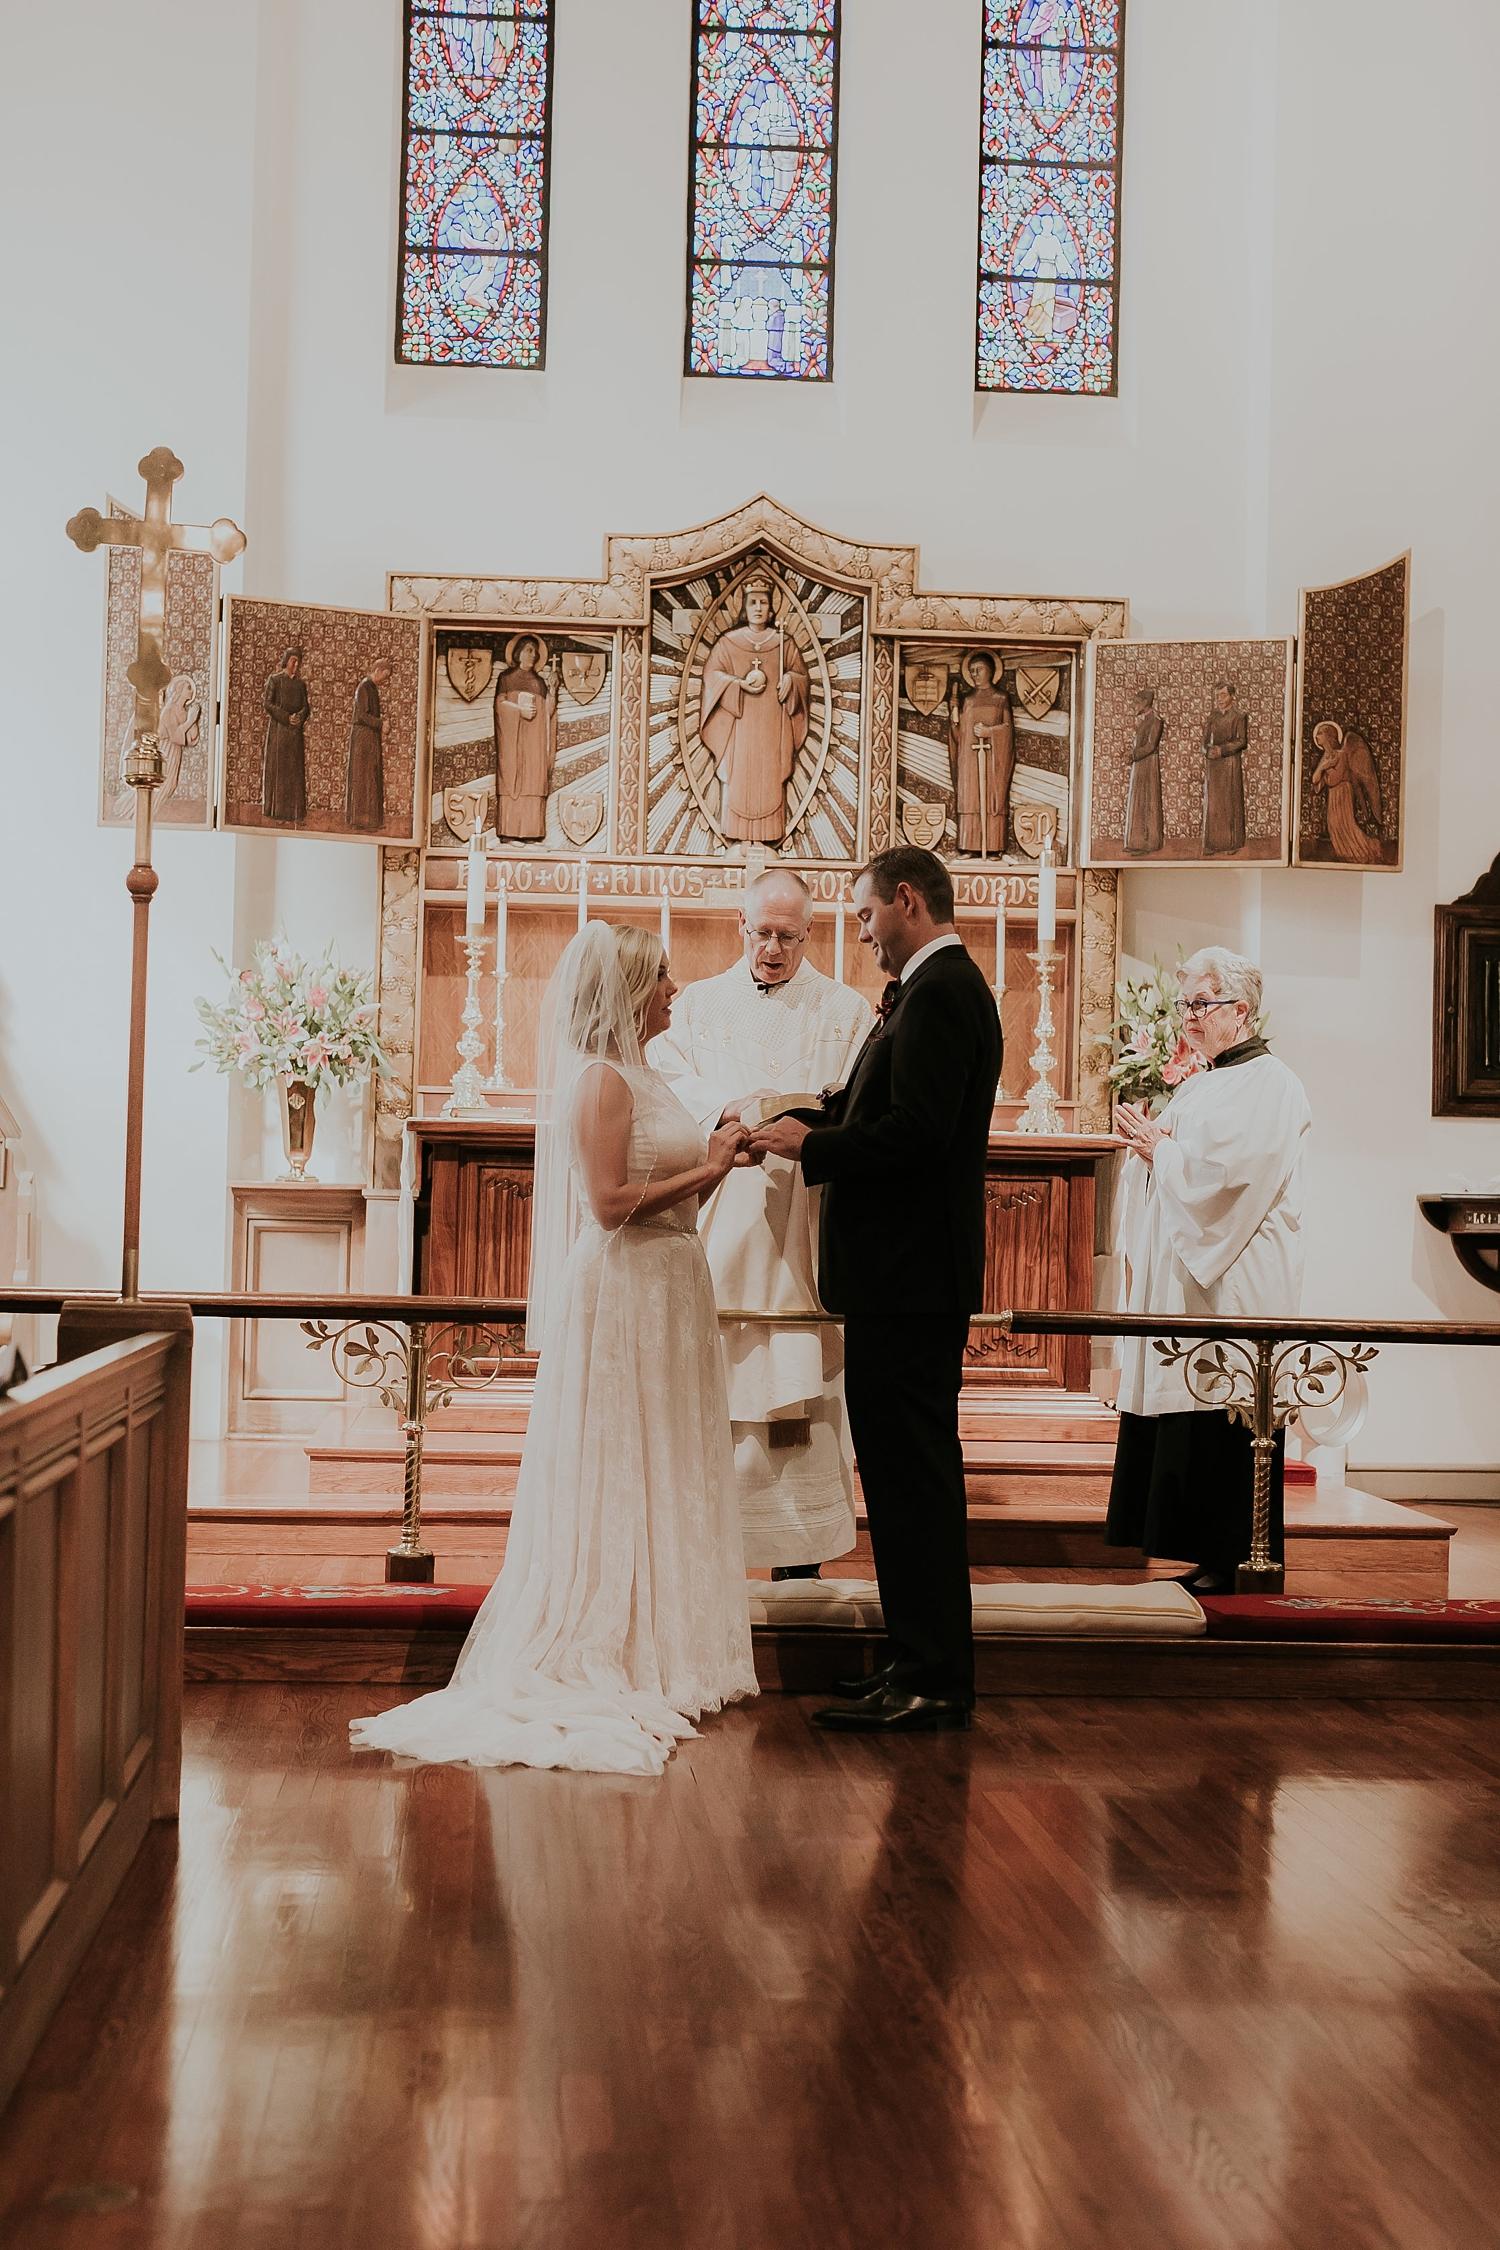 Alicia+lucia+photography+-+albuquerque+wedding+photographer+-+santa+fe+wedding+photography+-+new+mexico+wedding+photographer+-+la+fonda+wedding+-+la+fonda+fall+wedding+-+intimate+la+fonda+wedding_0022.jpg